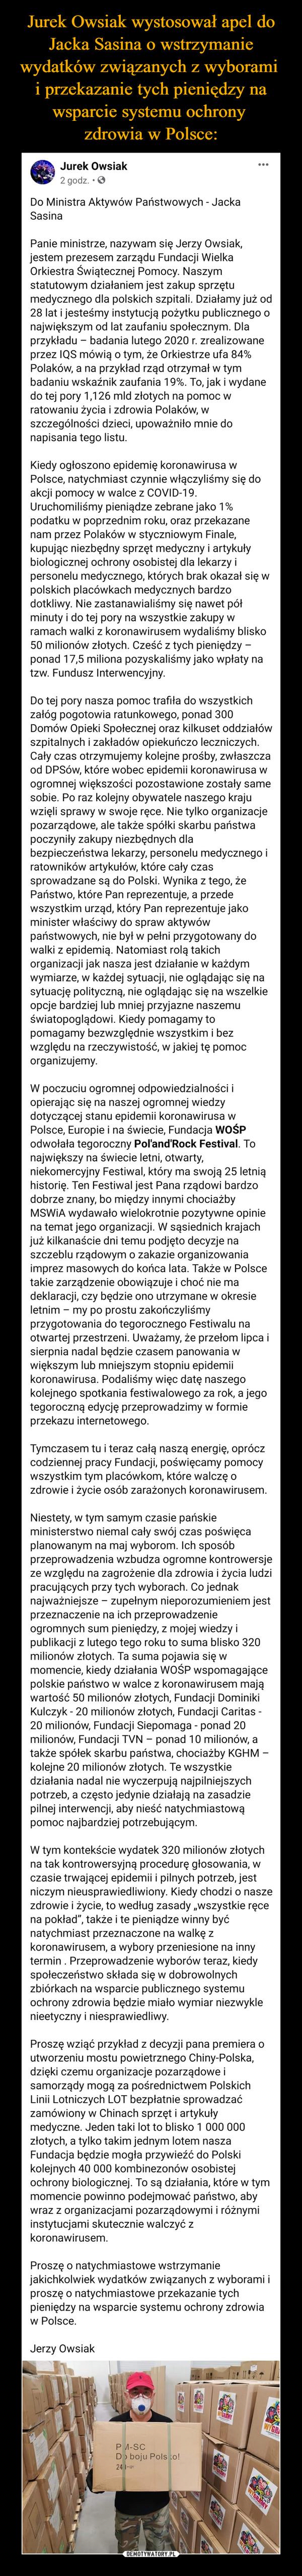 –  Jurek Owsiak2 godz. · Do Ministra Aktywów Państwowych - Jacka SasinaPanie ministrze, nazywam się Jerzy Owsiak, jestem prezesem zarządu Fundacji Wielka Orkiestra Świątecznej Pomocy. Naszym statutowym działaniem jest zakup sprzętu medycznego dla polskich szpitali. Działamy już od 28 lat i jesteśmy instytucją pożytku publicznego o największym od lat zaufaniu społecznym. Dla przykładu – badania lutego 2020 r. zrealizowane przez IQS mówią o tym, że Orkiestrze ufa 84% Polaków, a na przykład rząd otrzymał w tym badaniu wskaźnik zaufania 19%. To, jak i wydane do tej pory 1,126 mld złotych na pomoc w ratowaniu życia i zdrowia Polaków, w szczególności dzieci, upoważniło mnie do napisania tego listu.Kiedy ogłoszono epidemię koronawirusa w Polsce, natychmiast czynnie włączyliśmy się do akcji pomocy w walce z COVID-19. Uruchomiliśmy pieniądze zebrane jako 1% podatku w poprzednim roku, oraz przekazane nam przez Polaków w styczniowym Finale, kupując niezbędny sprzęt medyczny i artykuły biologicznej ochrony osobistej dla lekarzy i personelu medycznego, których brak okazał się w polskich placówkach medycznych bardzo dotkliwy. Nie zastanawialiśmy się nawet pół minuty i do tej pory na wszystkie zakupy w ramach walki z koronawirusem wydaliśmy blisko 50 milionów złotych. Cześć z tych pieniędzy – ponad 17,5 miliona pozyskaliśmy jako wpłaty na tzw. Fundusz Interwencyjny.Do tej pory nasza pomoc trafiła do wszystkich załóg pogotowia ratunkowego, ponad 300 Domów Opieki Społecznej oraz kilkuset oddziałów szpitalnych i zakładów opiekuńczo leczniczych. Cały czas otrzymujemy kolejne prośby, zwłaszcza od DPSów, które wobec epidemii koronawirusa w ogromnej większości pozostawione zostały same sobie. Po raz kolejny obywatele naszego kraju wzięli sprawy w swoje ręce. Nie tylko organizacje pozarządowe, ale także spółki skarbu państwa poczyniły zakupy niezbędnych dla bezpieczeństwa lekarzy, personelu medycznego i ratowników artykułów, które cały czas sprowadzane są do Polski. Wynika z tego, że Pańs